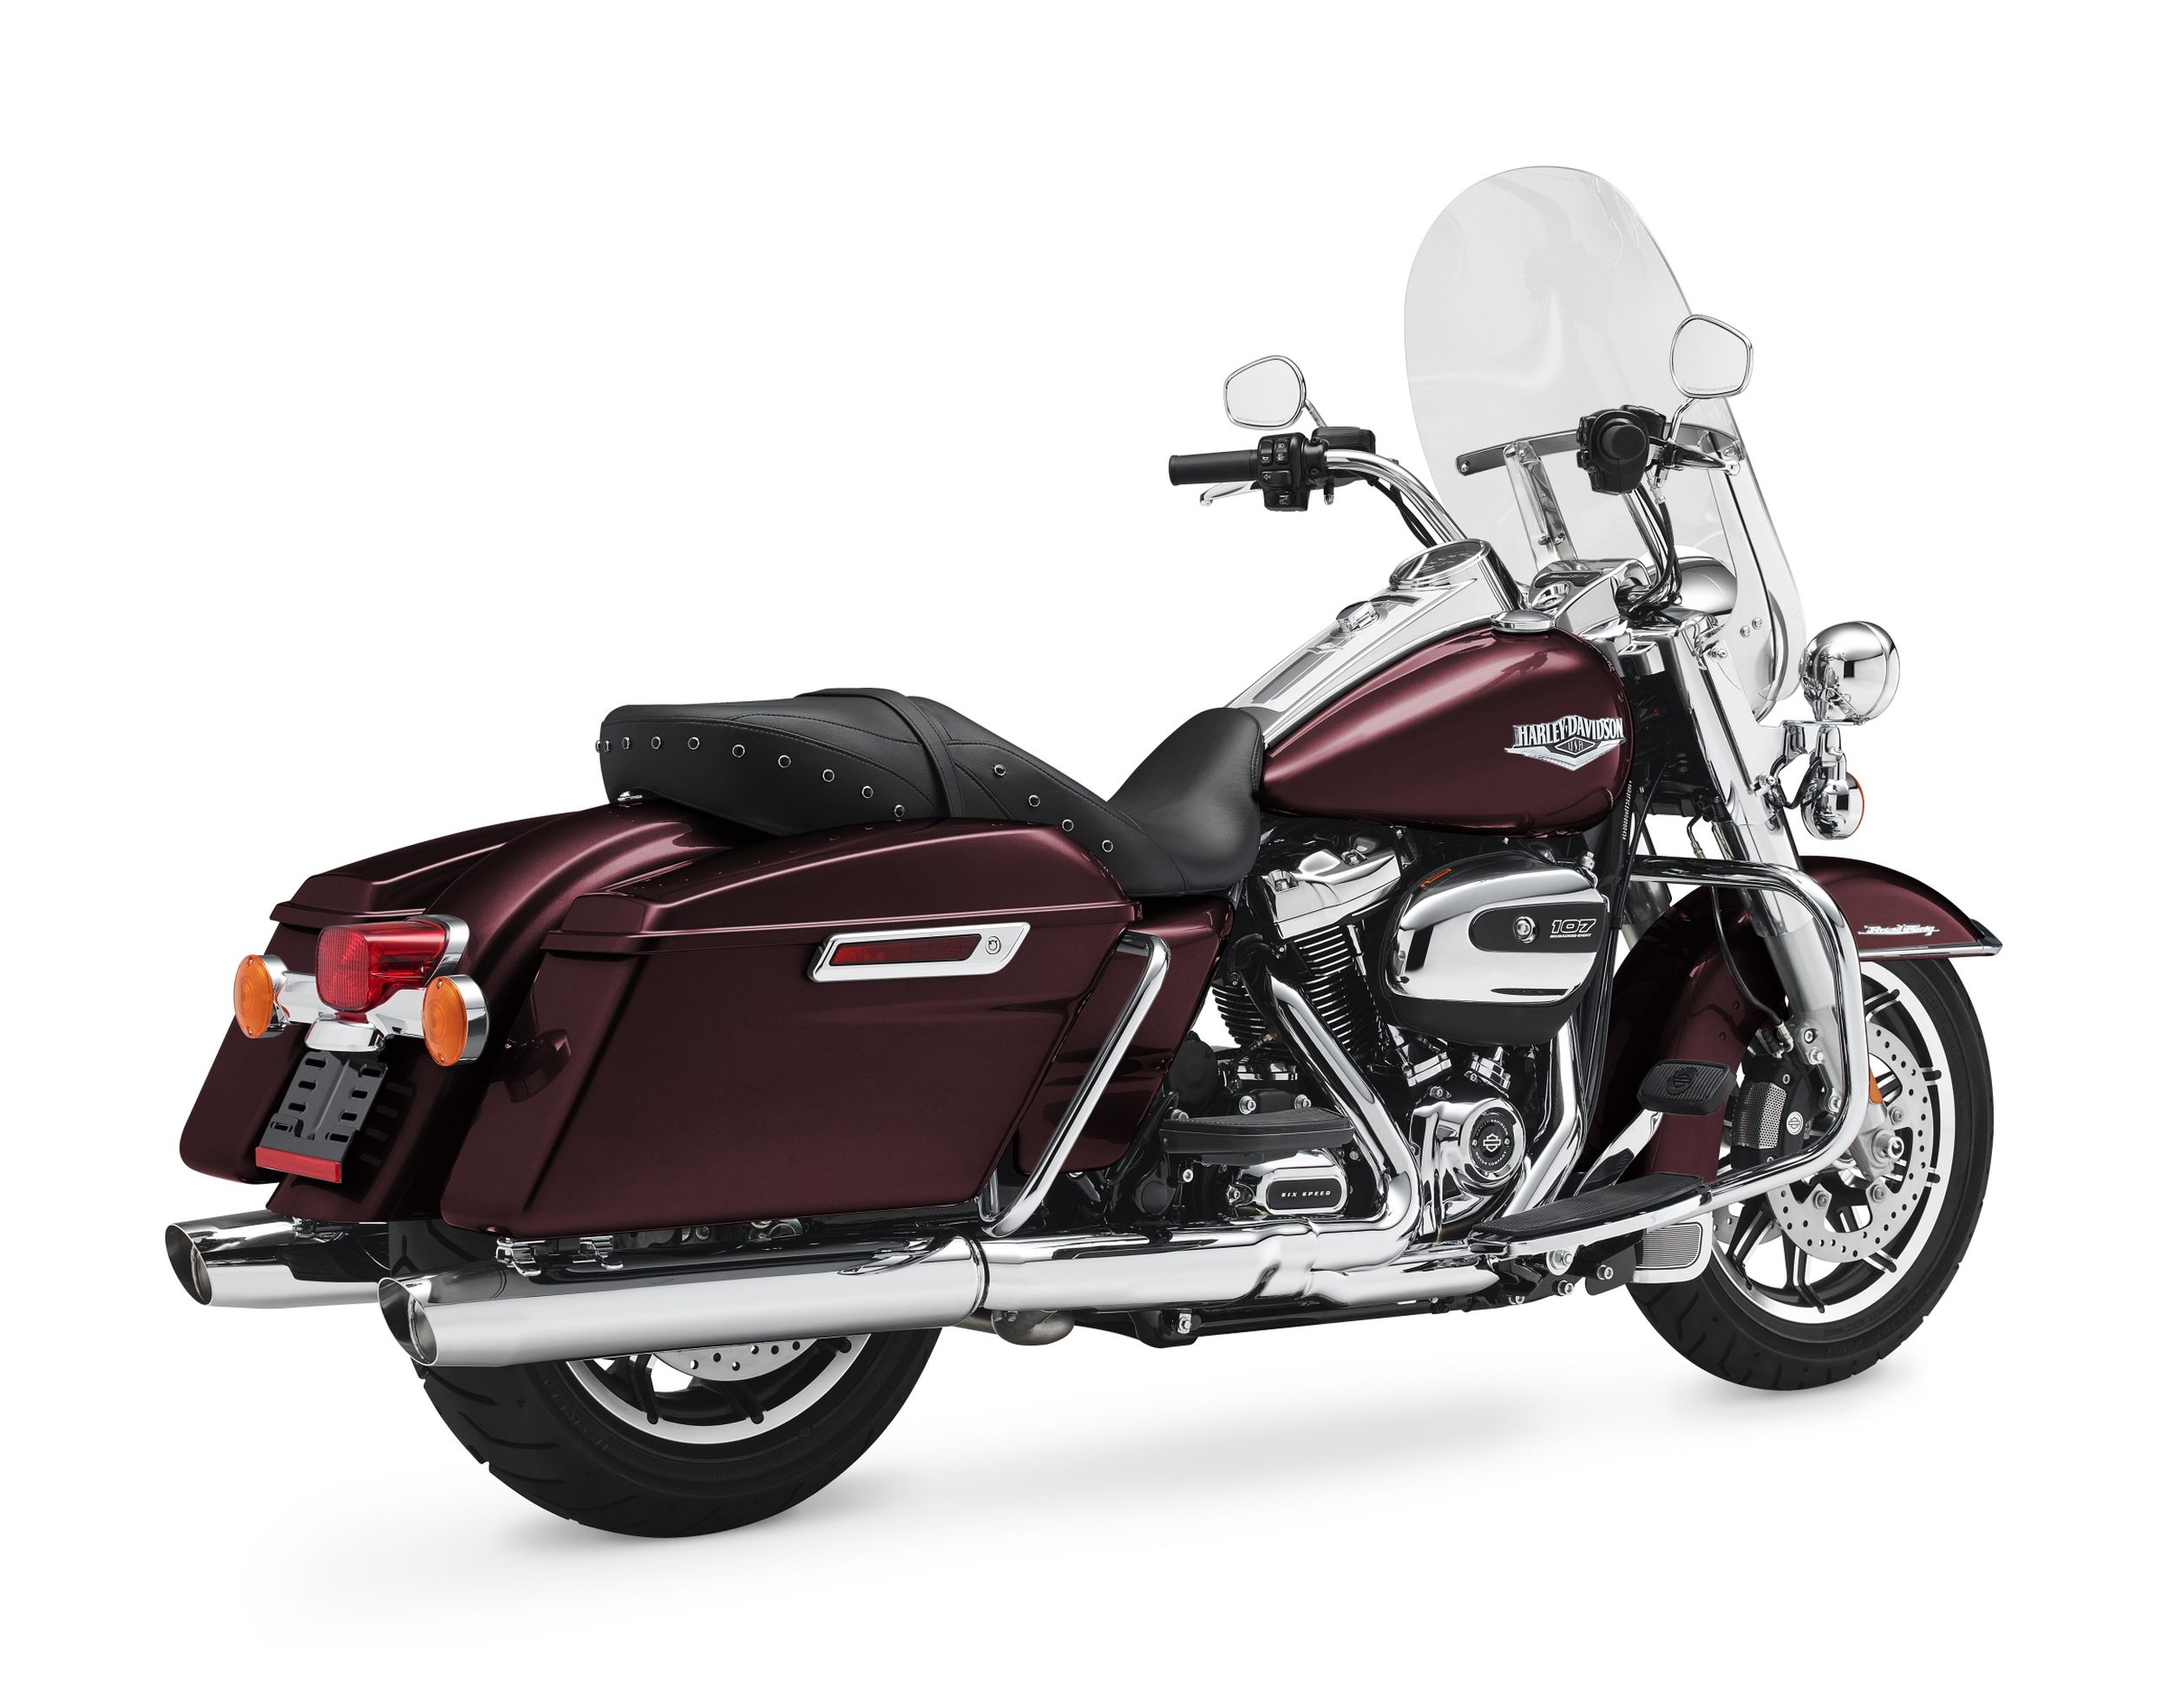 gebrauchte und neue harley davidson road king flhr motorr der kaufen. Black Bedroom Furniture Sets. Home Design Ideas